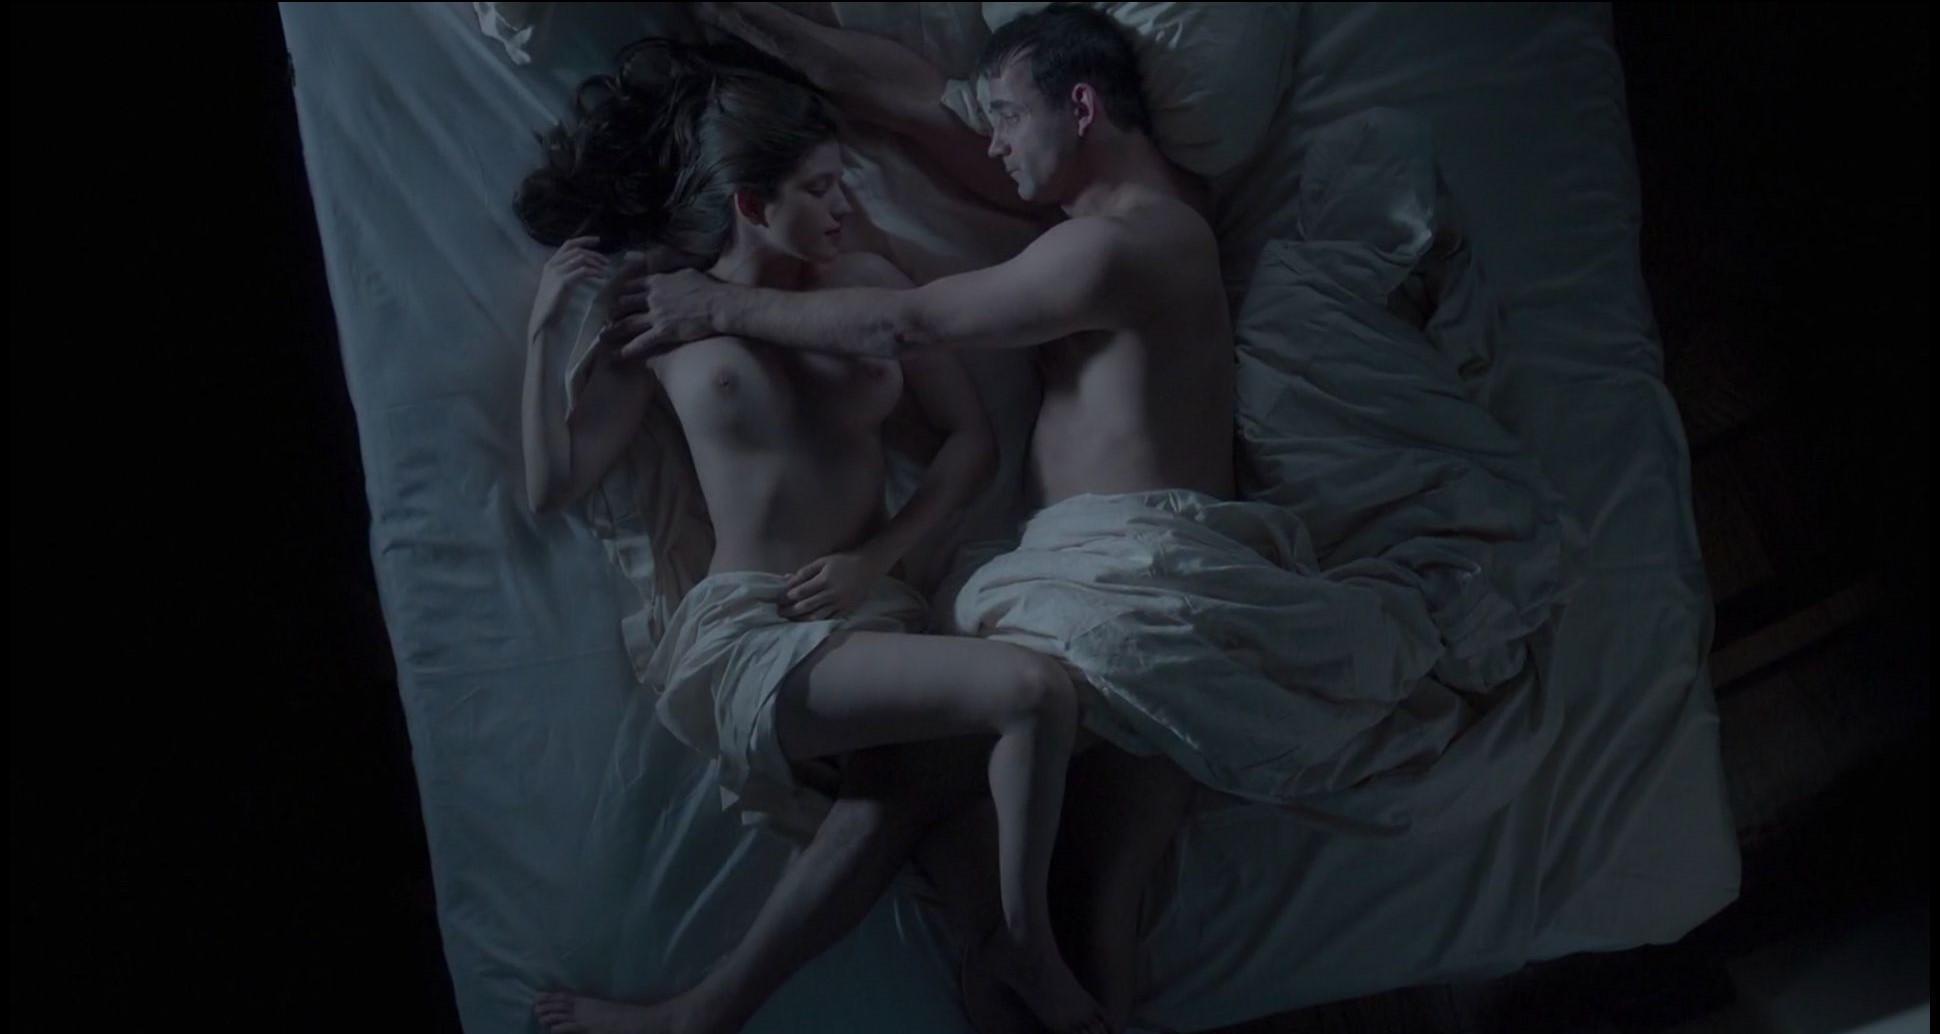 смотреть спальные сцены из фильмов станет